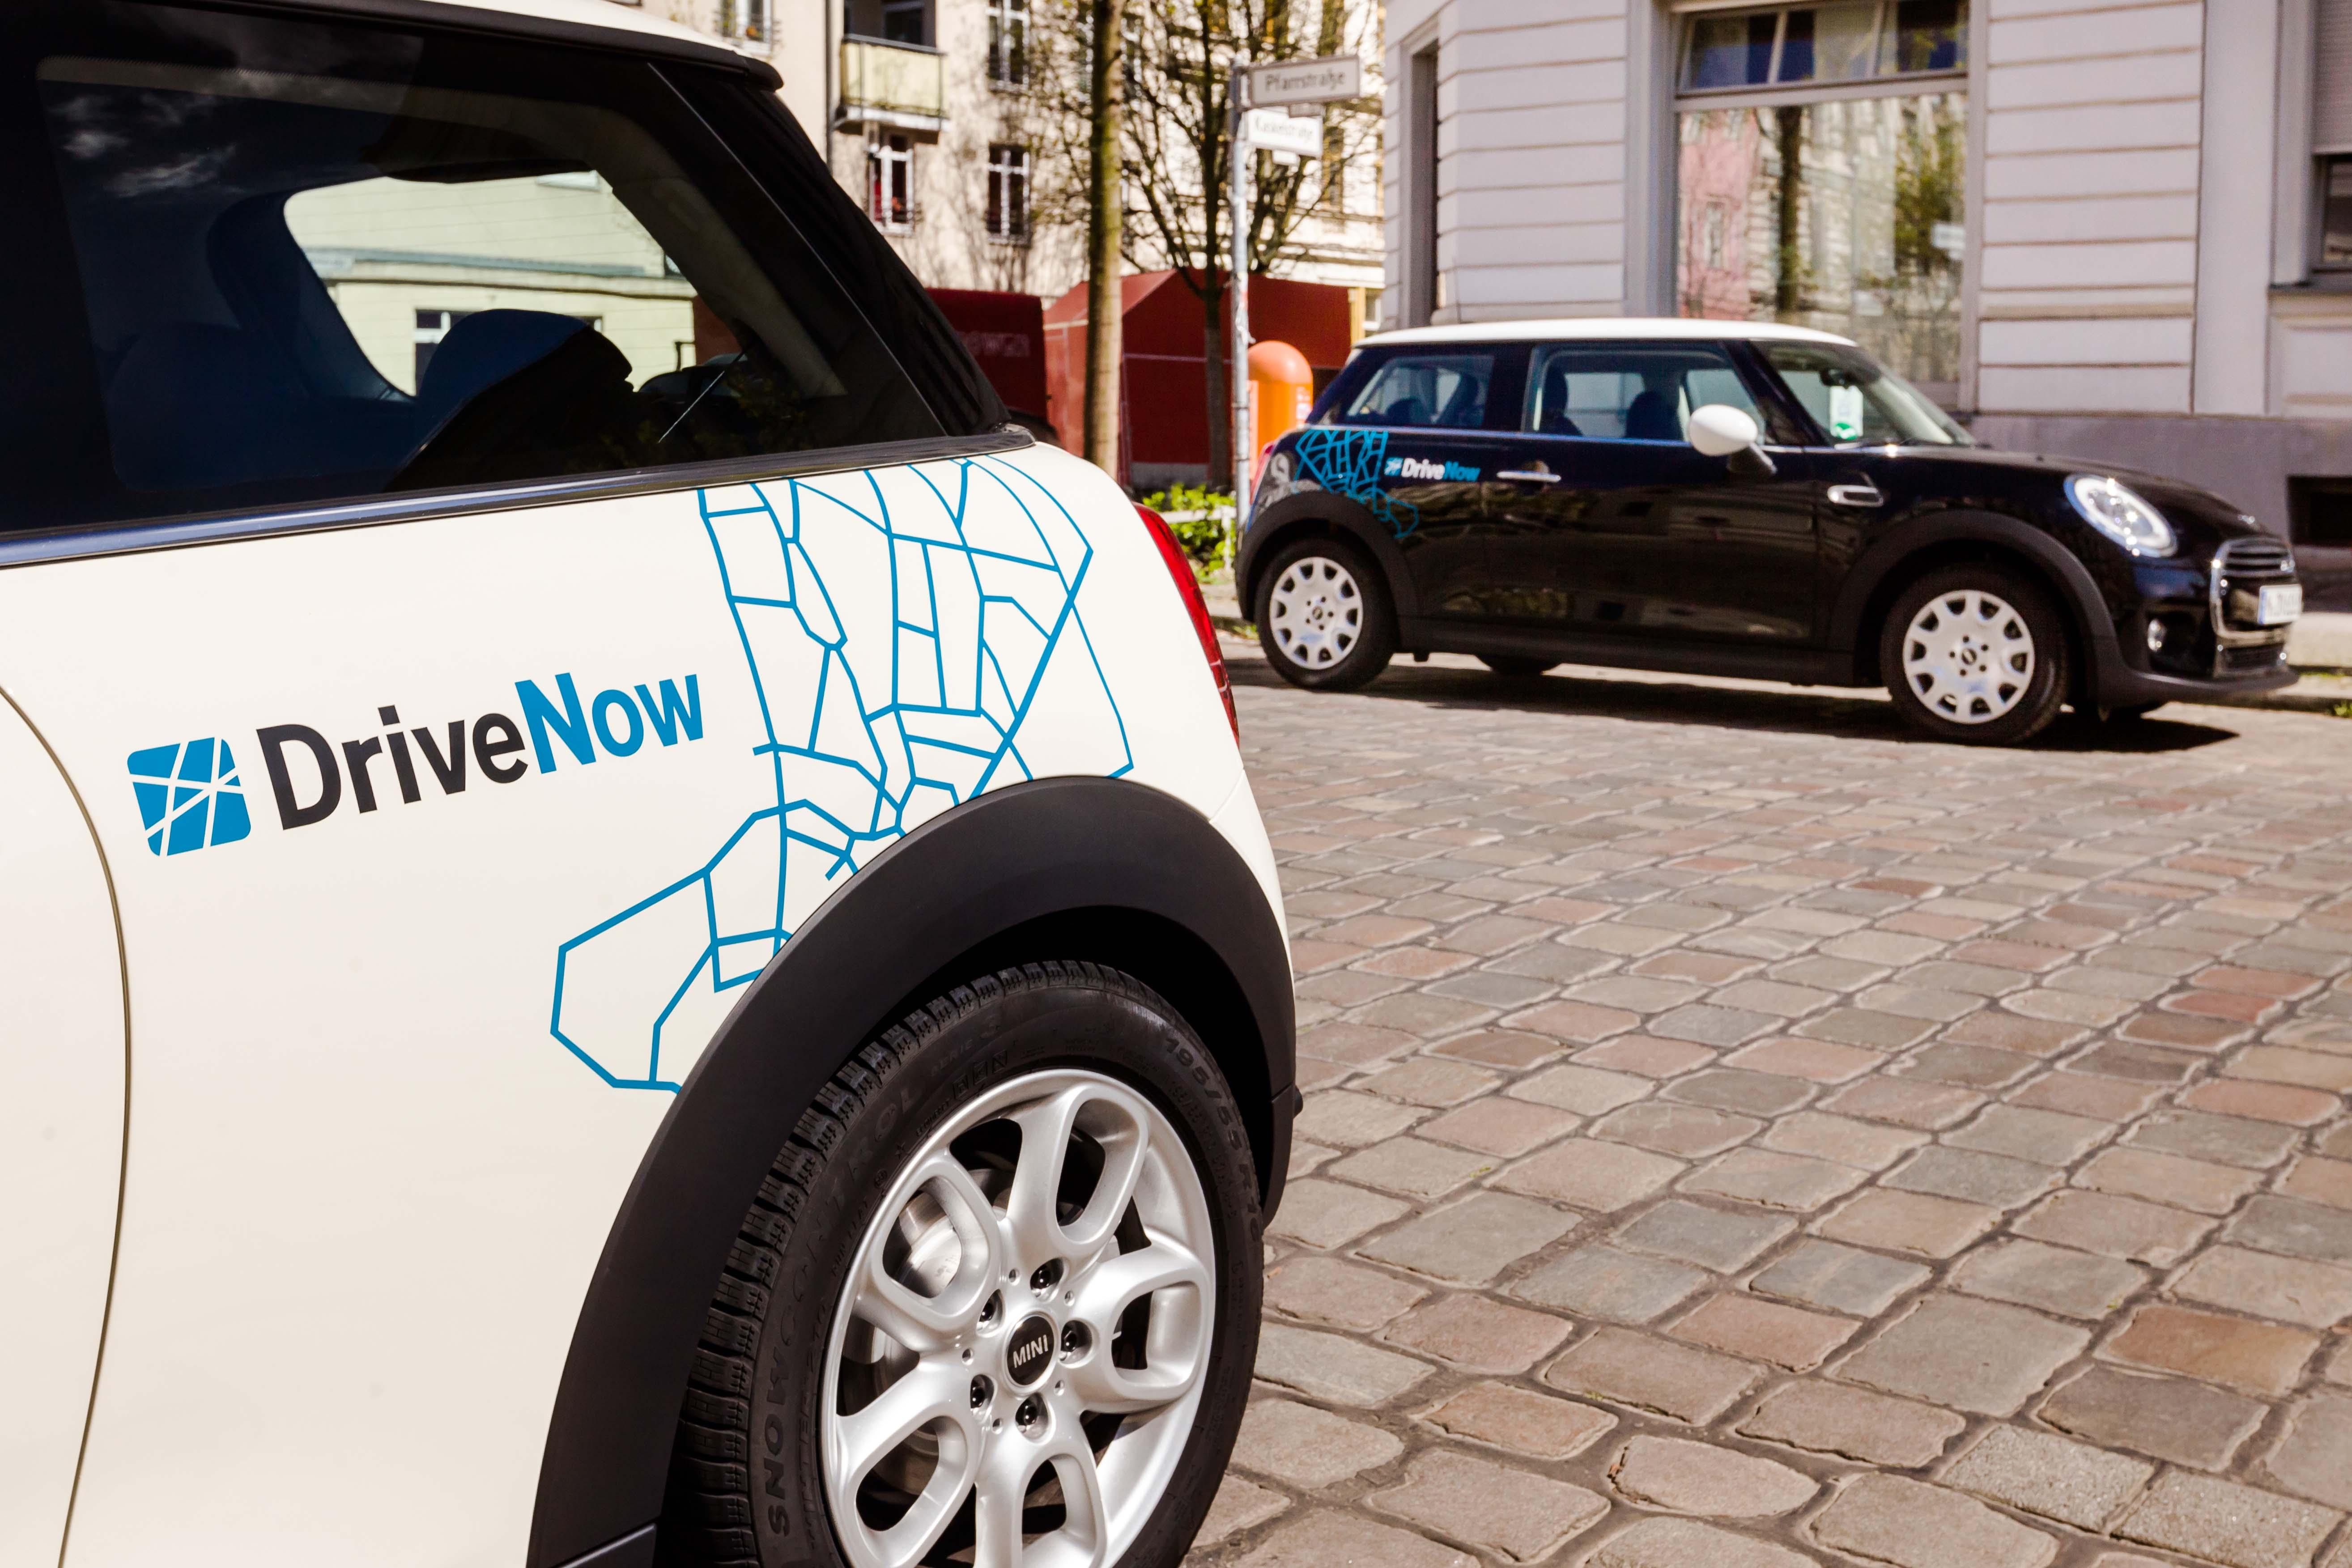 Neuer MINI von DriveNow in schwarz und weiß